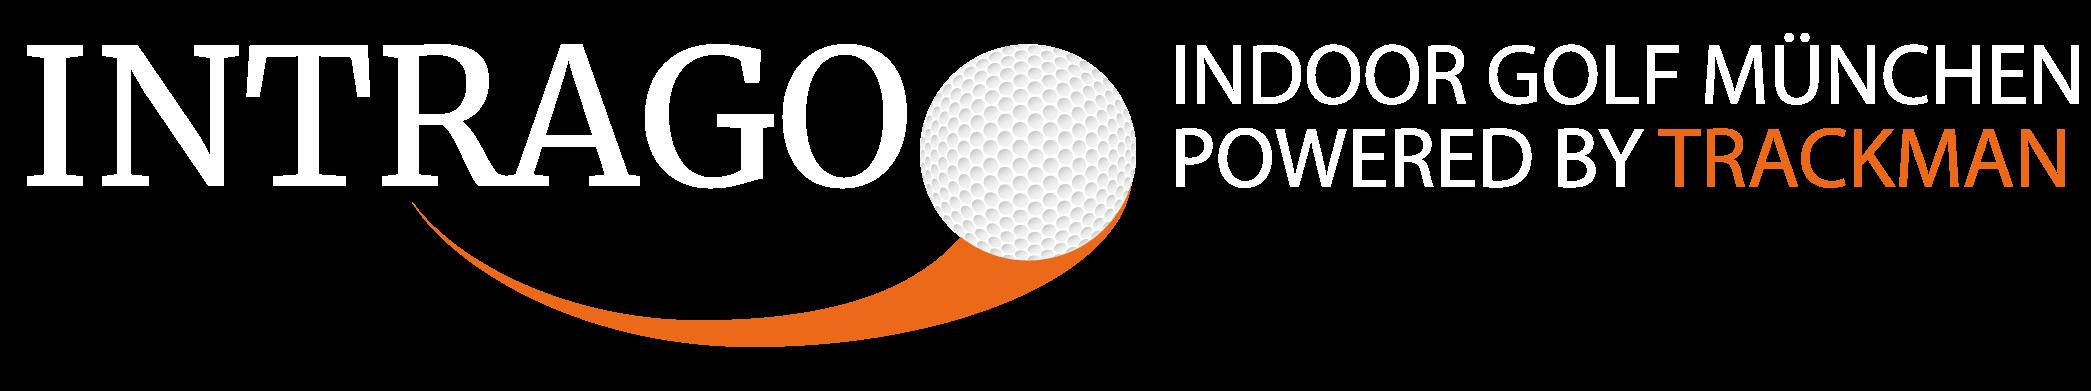 intrago-indoor-golf-münchen-logo